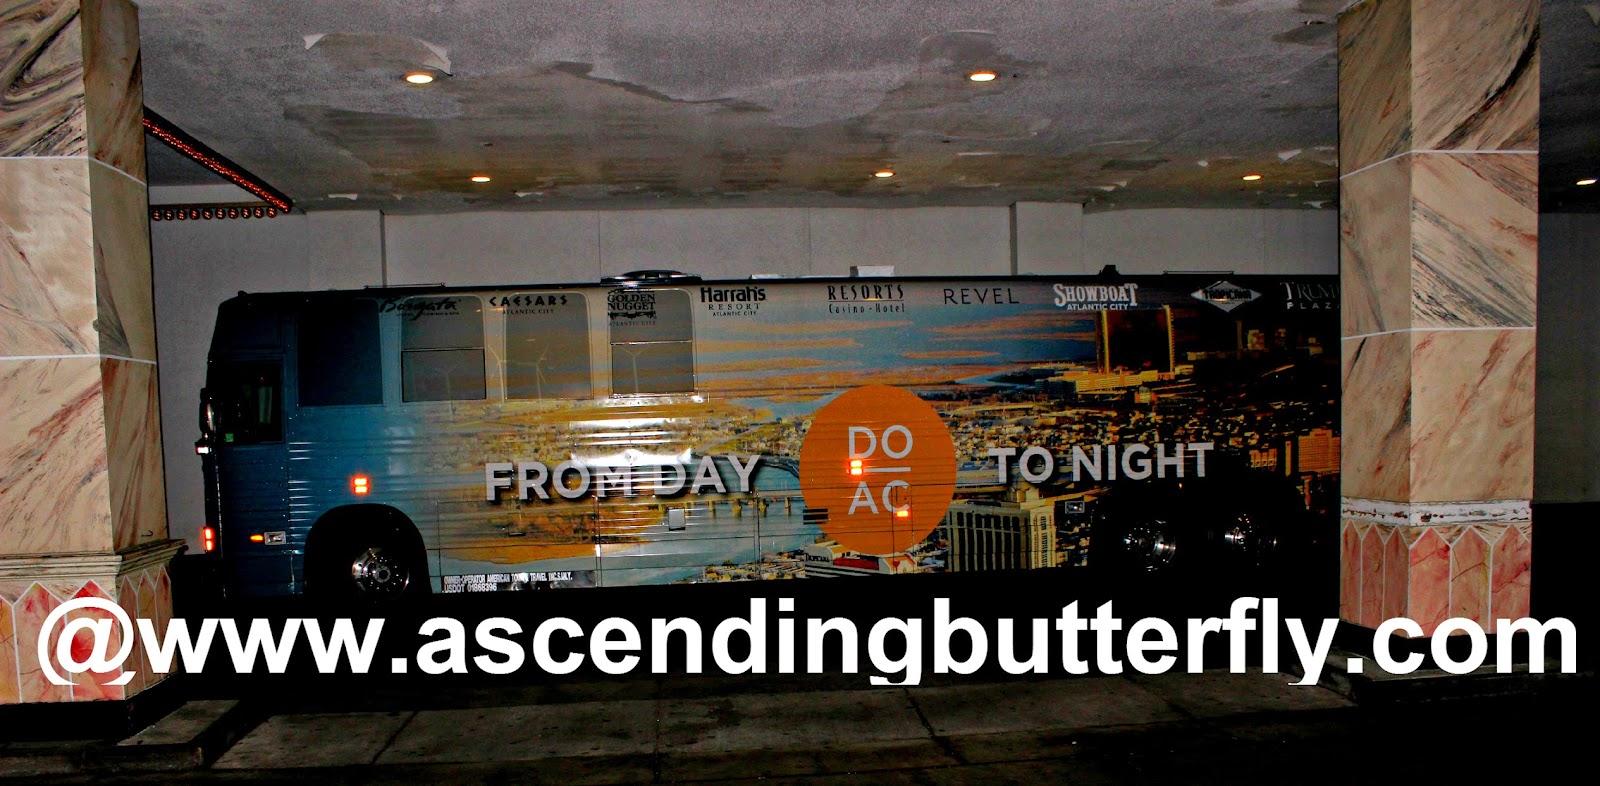 #DOACNightlife Bus, Party Bus, Atlantic City, Visit AC, Atlantic City Alliance, DO AC, DO AC Nightlife